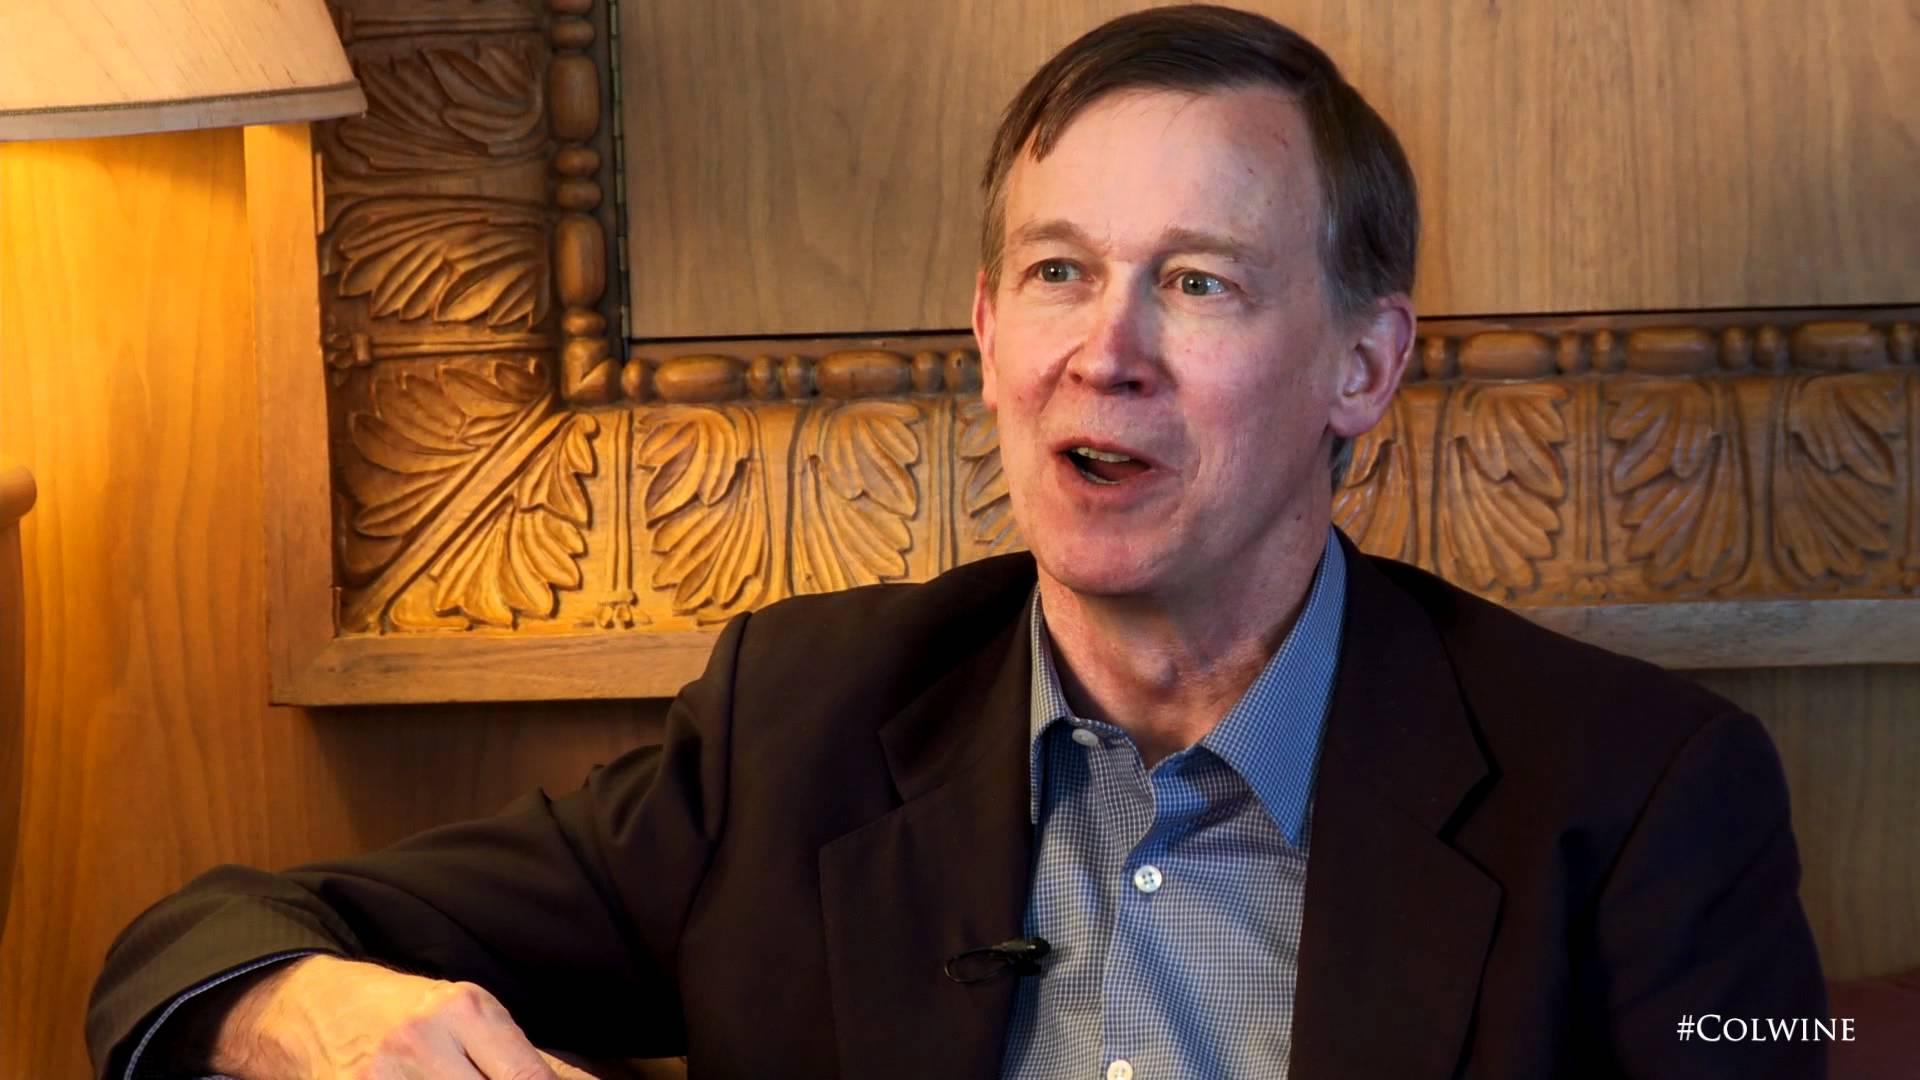 Colorado Wine Heroes: Governor John Hickenlooper